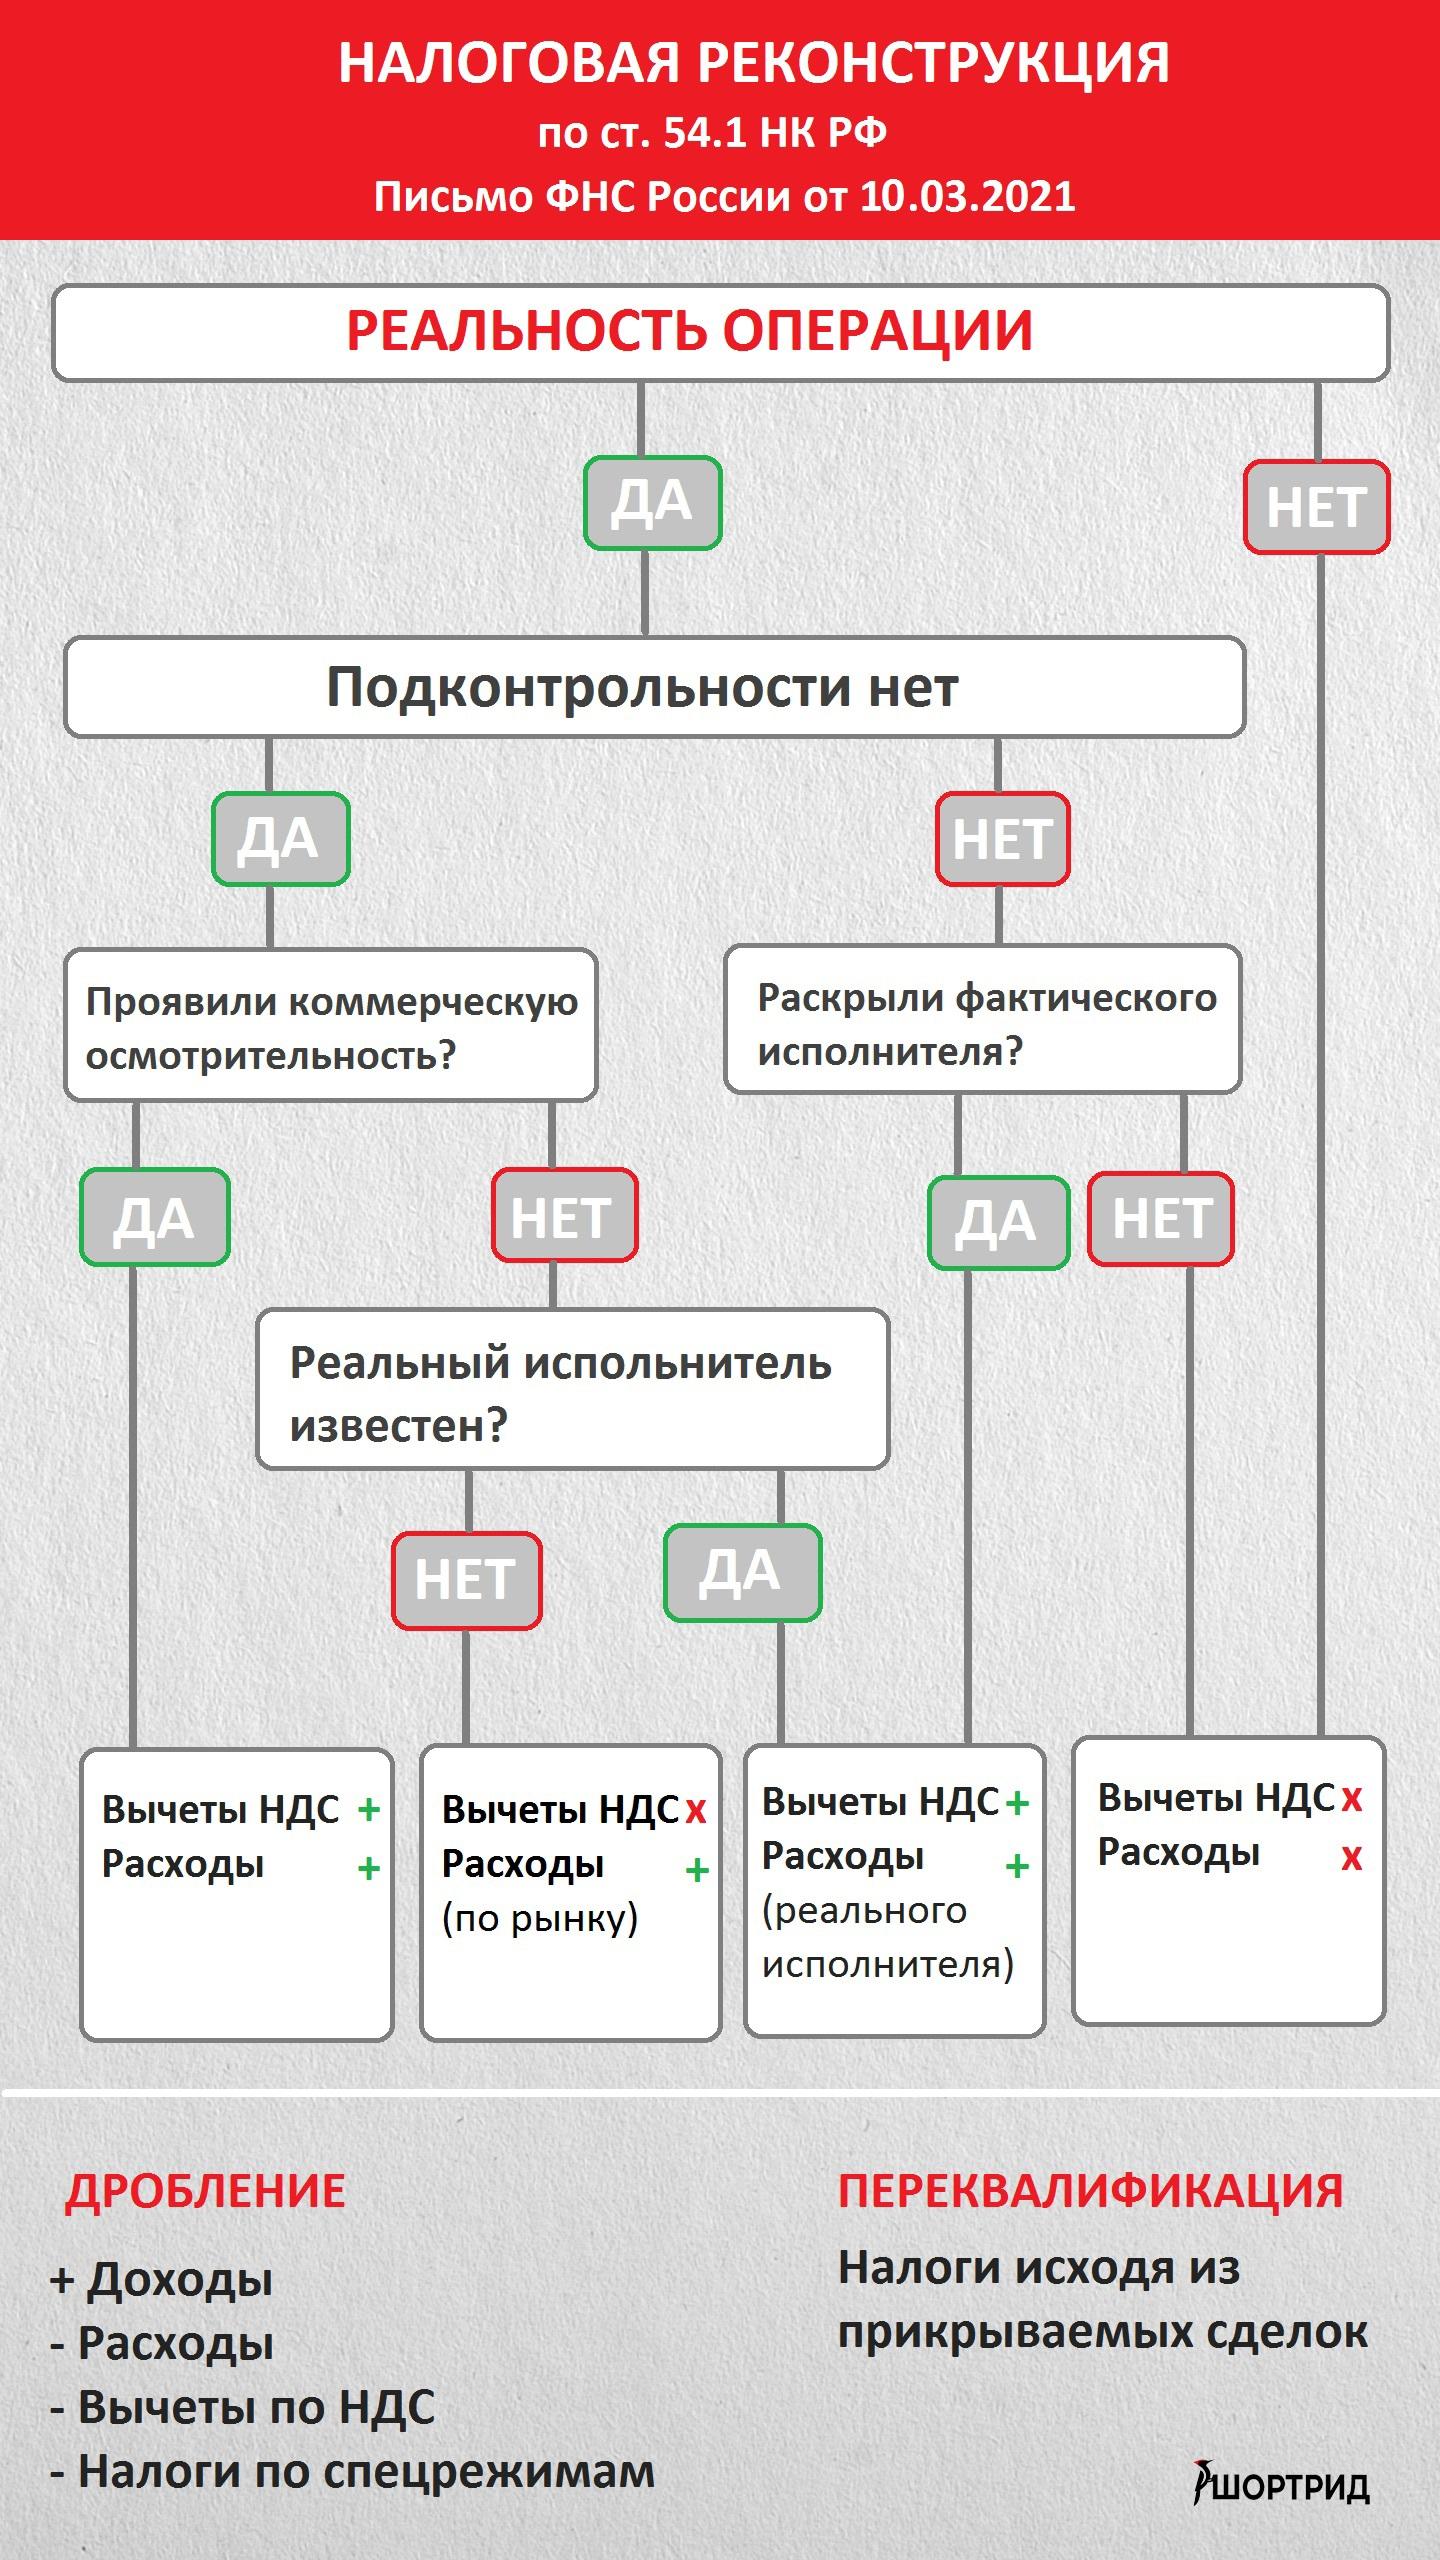 Налоговая реконструкция 54.1 НК шортрид